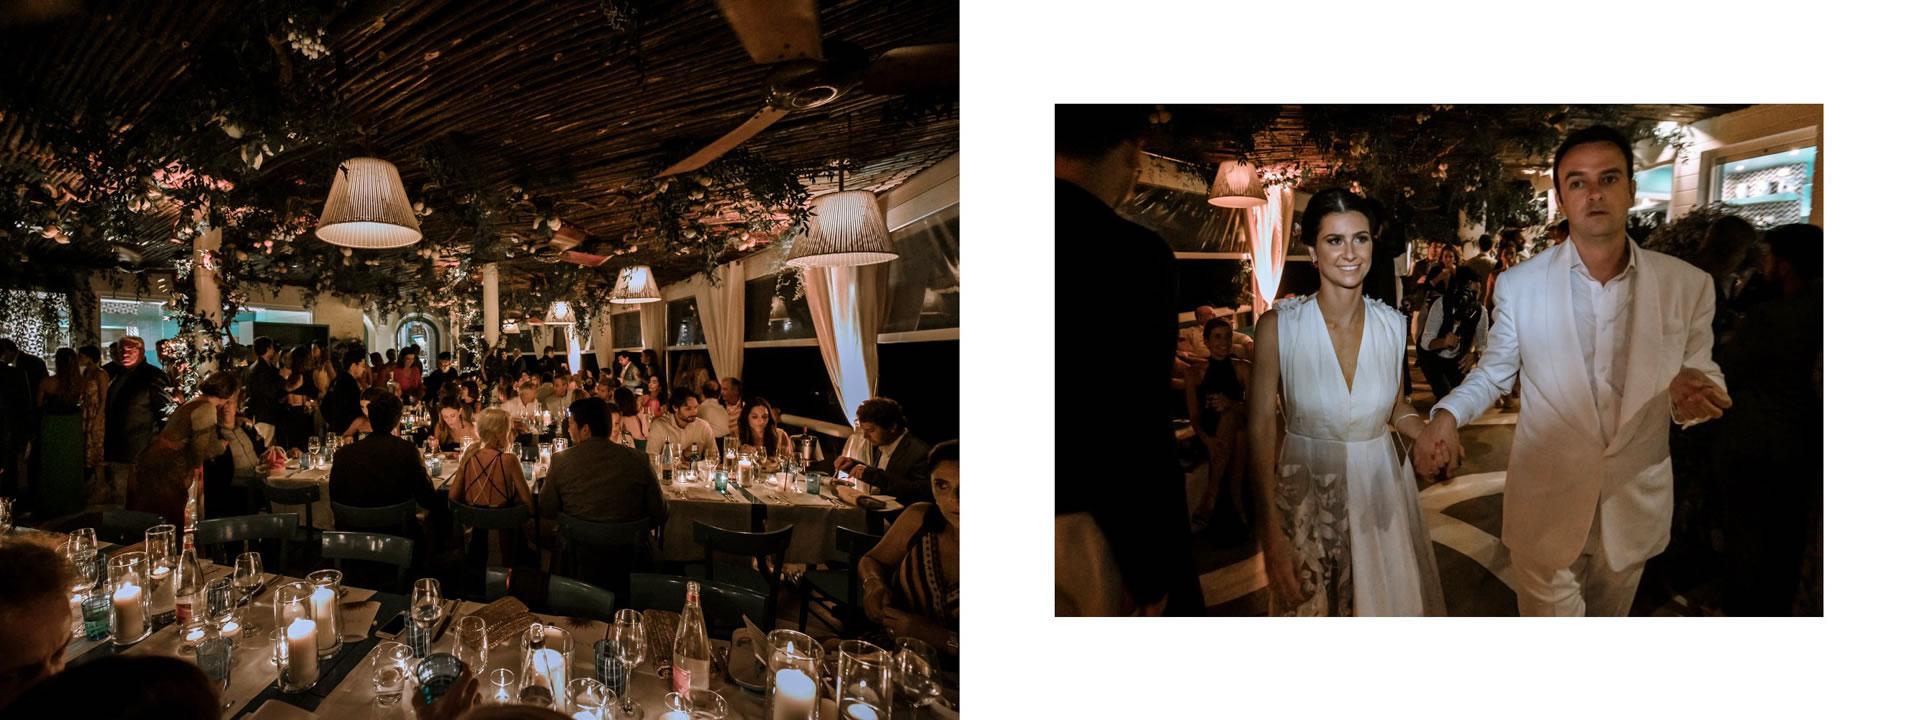 - 54 :: Jewish luxury wedding weekend in Capri :: Luxury wedding photography - 53 ::  - 54